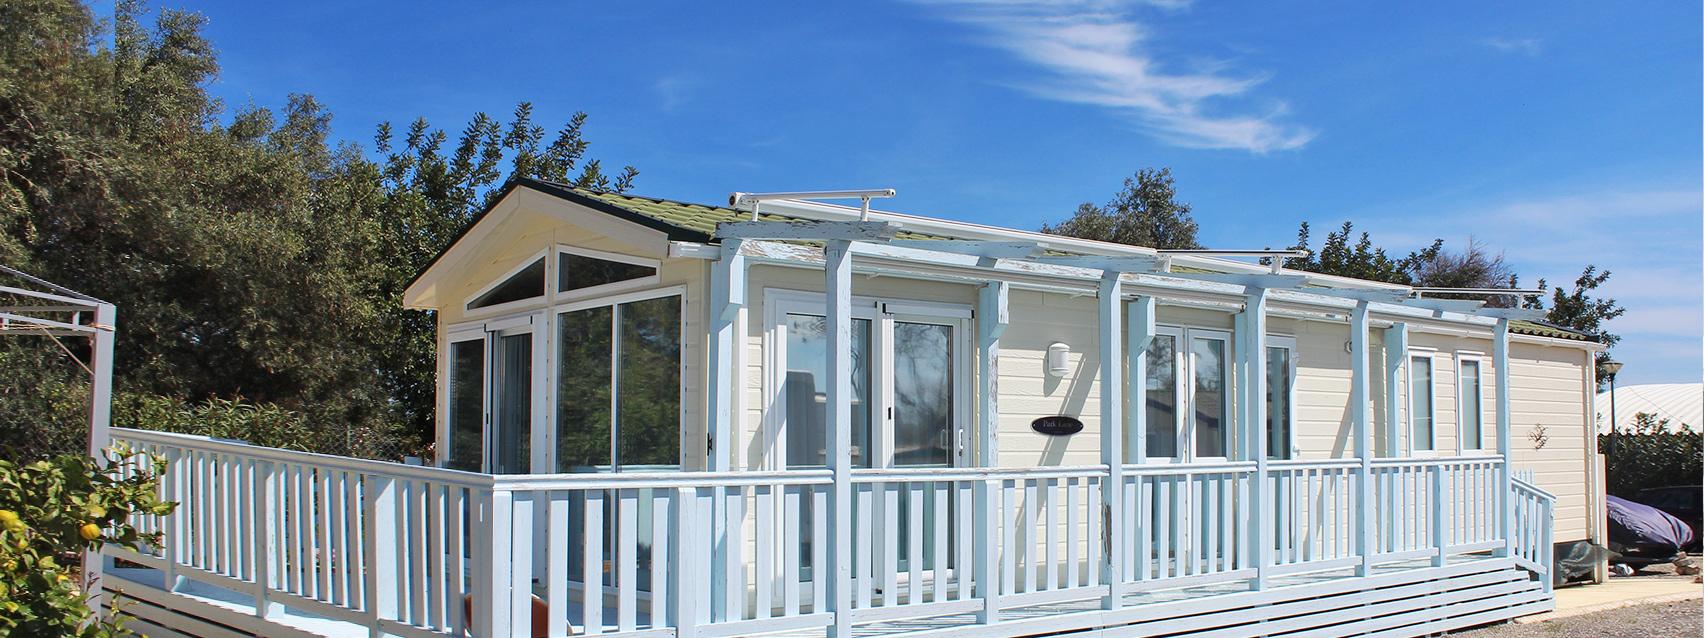 Casas móviles en Camping Ria Formosa - Algarve